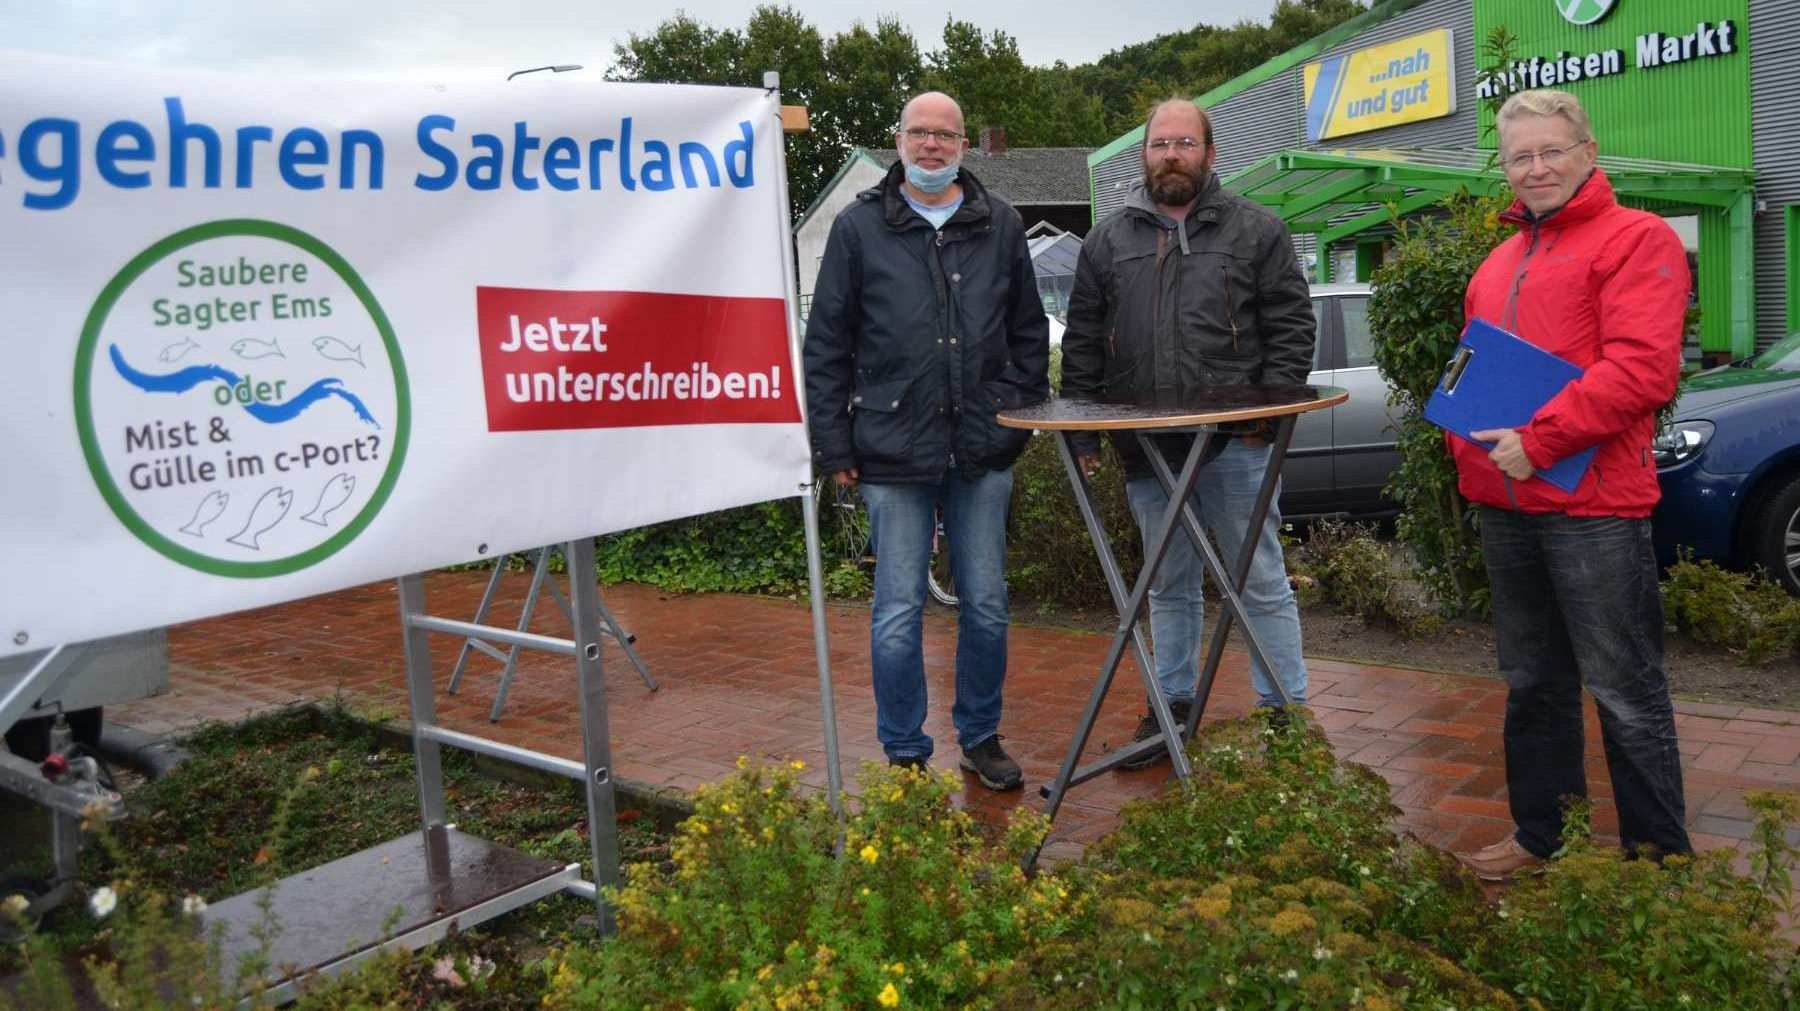 In Scharrel: Das Dorf war die letzte der 4 Ortschaften, in denen die Aktivisten Thomas Bickschlag, Carsten Ambacher und Walter Hußmann (von links) Unterschriften gesammelt hatten. Archivbild: Fertig